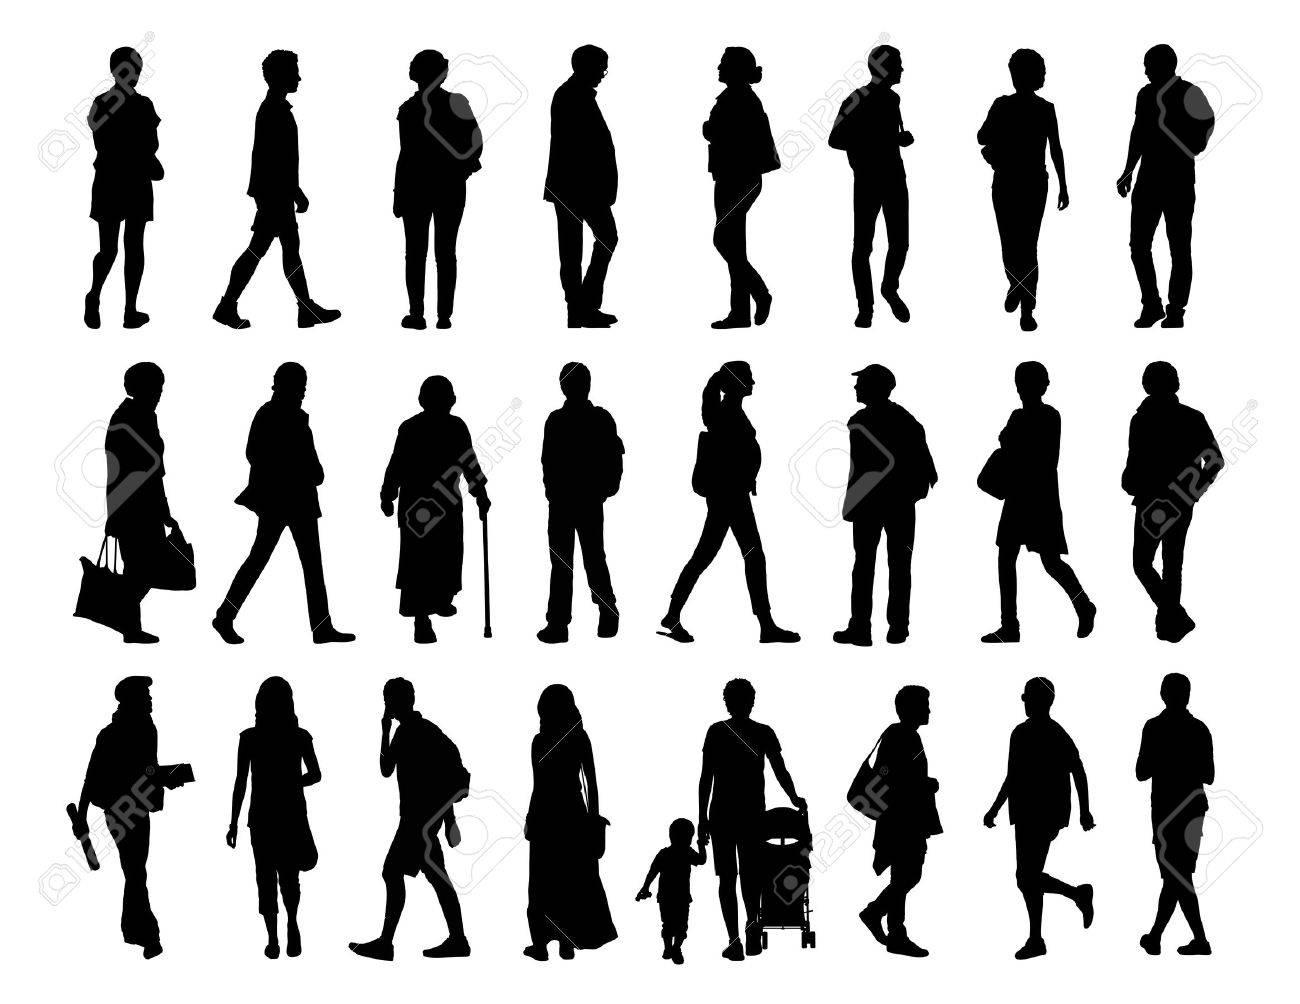 Sagome Persone Che Camminano.Grande Insieme Di Sagome Nere Di Uomini E Donne Di Diverse Eta Che Camminano Per La Strada Davanti Il Profilo E La Vista Posteriore